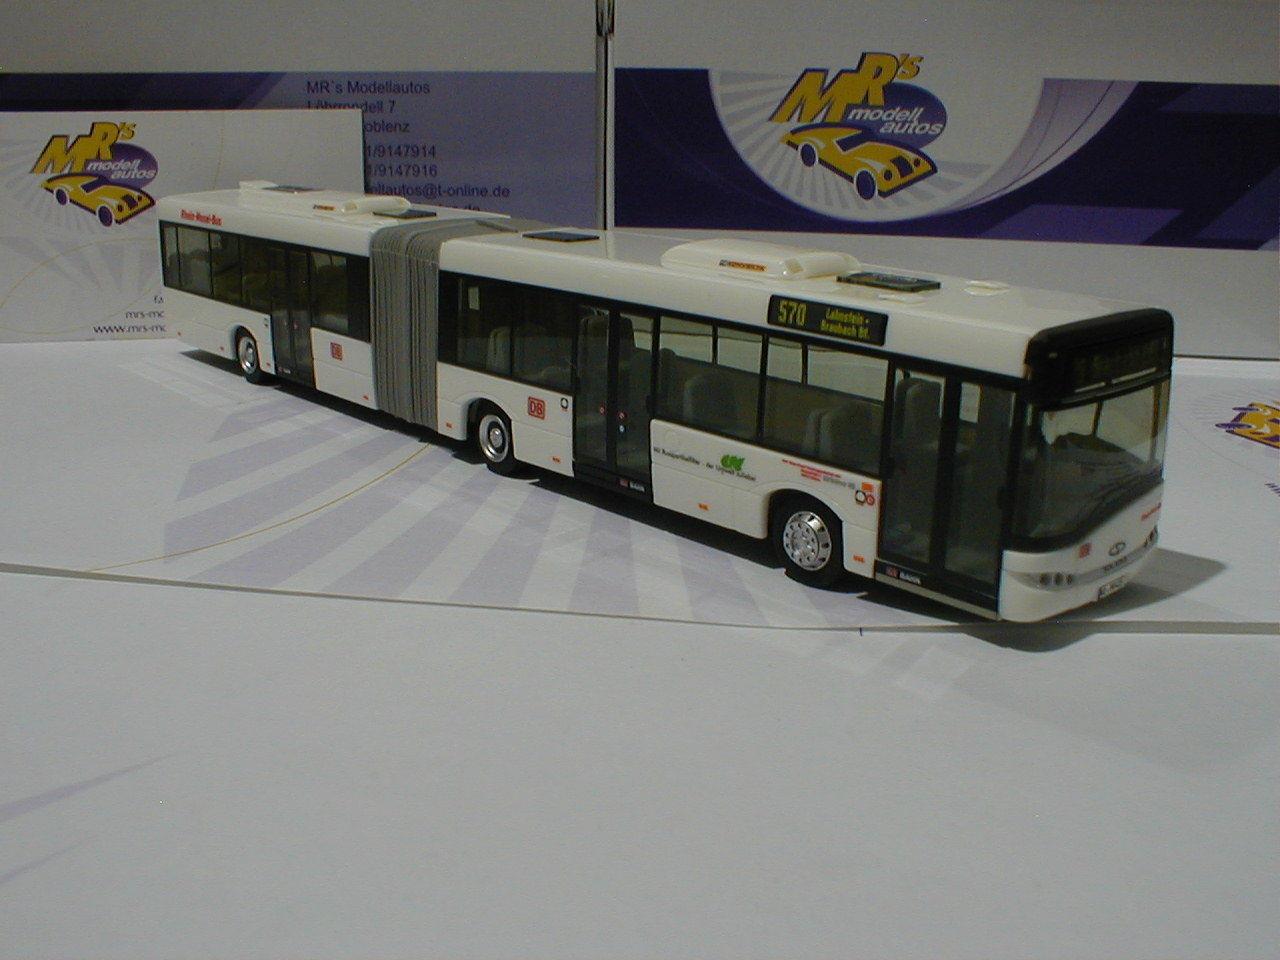 Vk   solaris u18 bus articulé  Deutsche Bundesbahn DB ligne 570  berline Ed. 100 st.